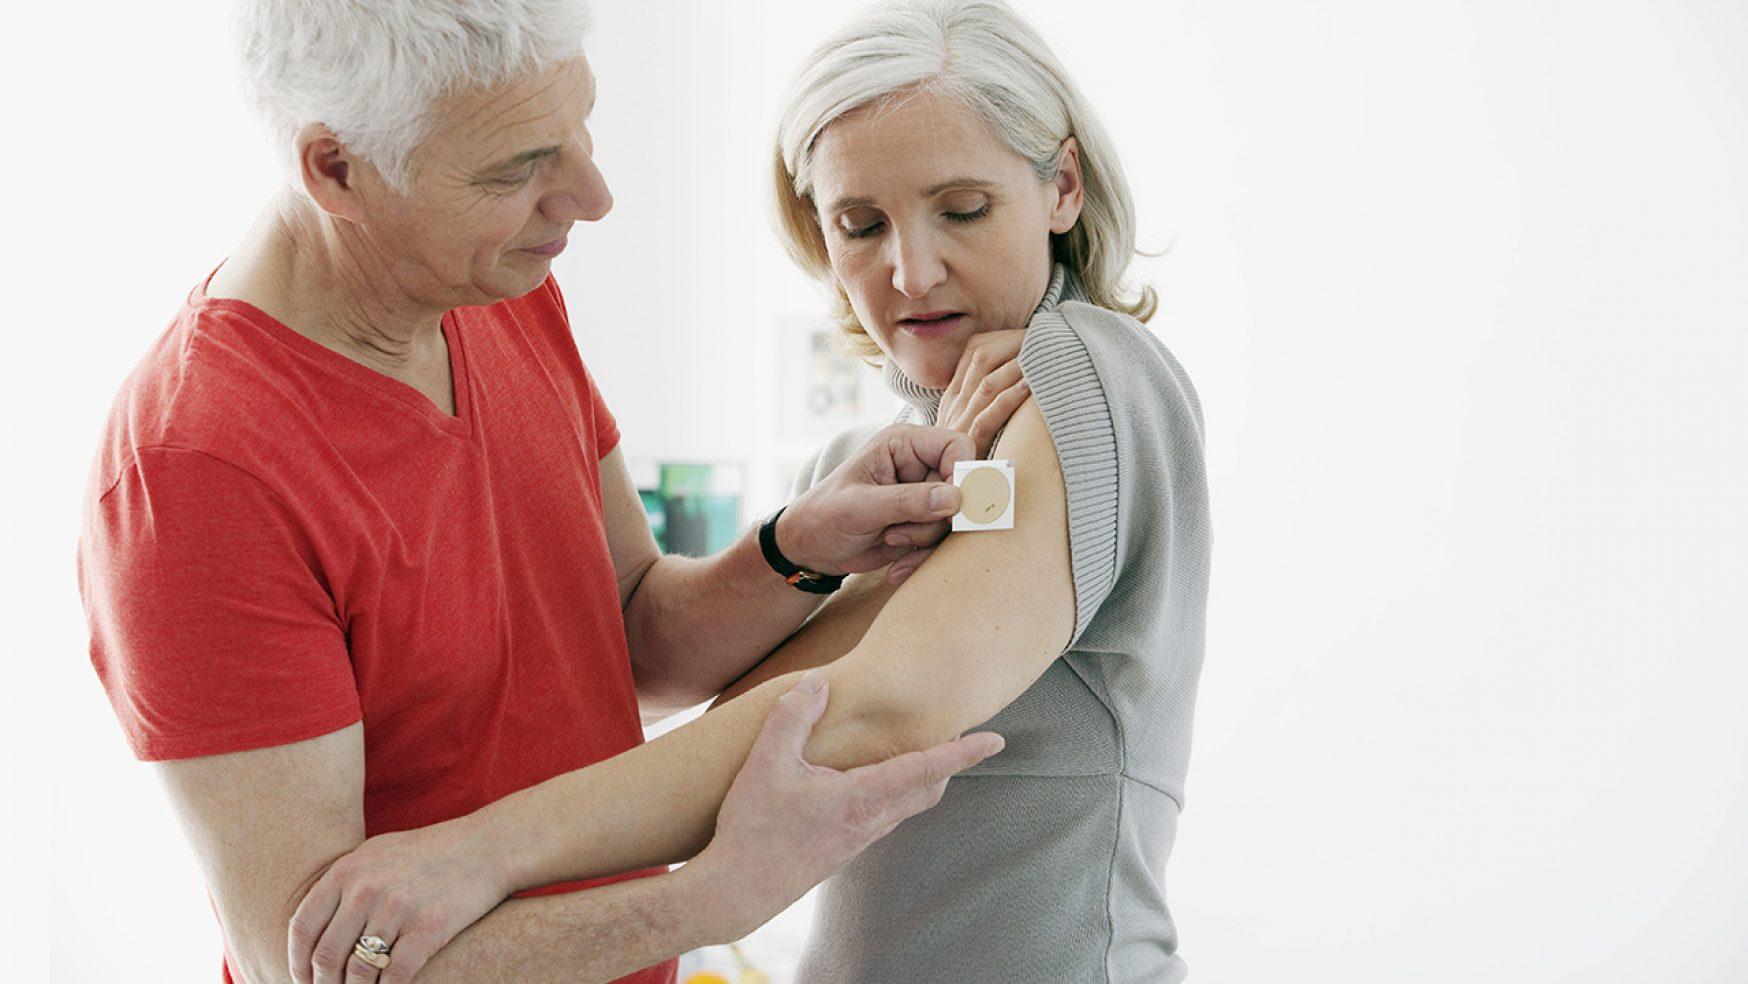 Parches podrían sustituir a las inyectadoras ofreciendo alivio a las personas con Diabetes